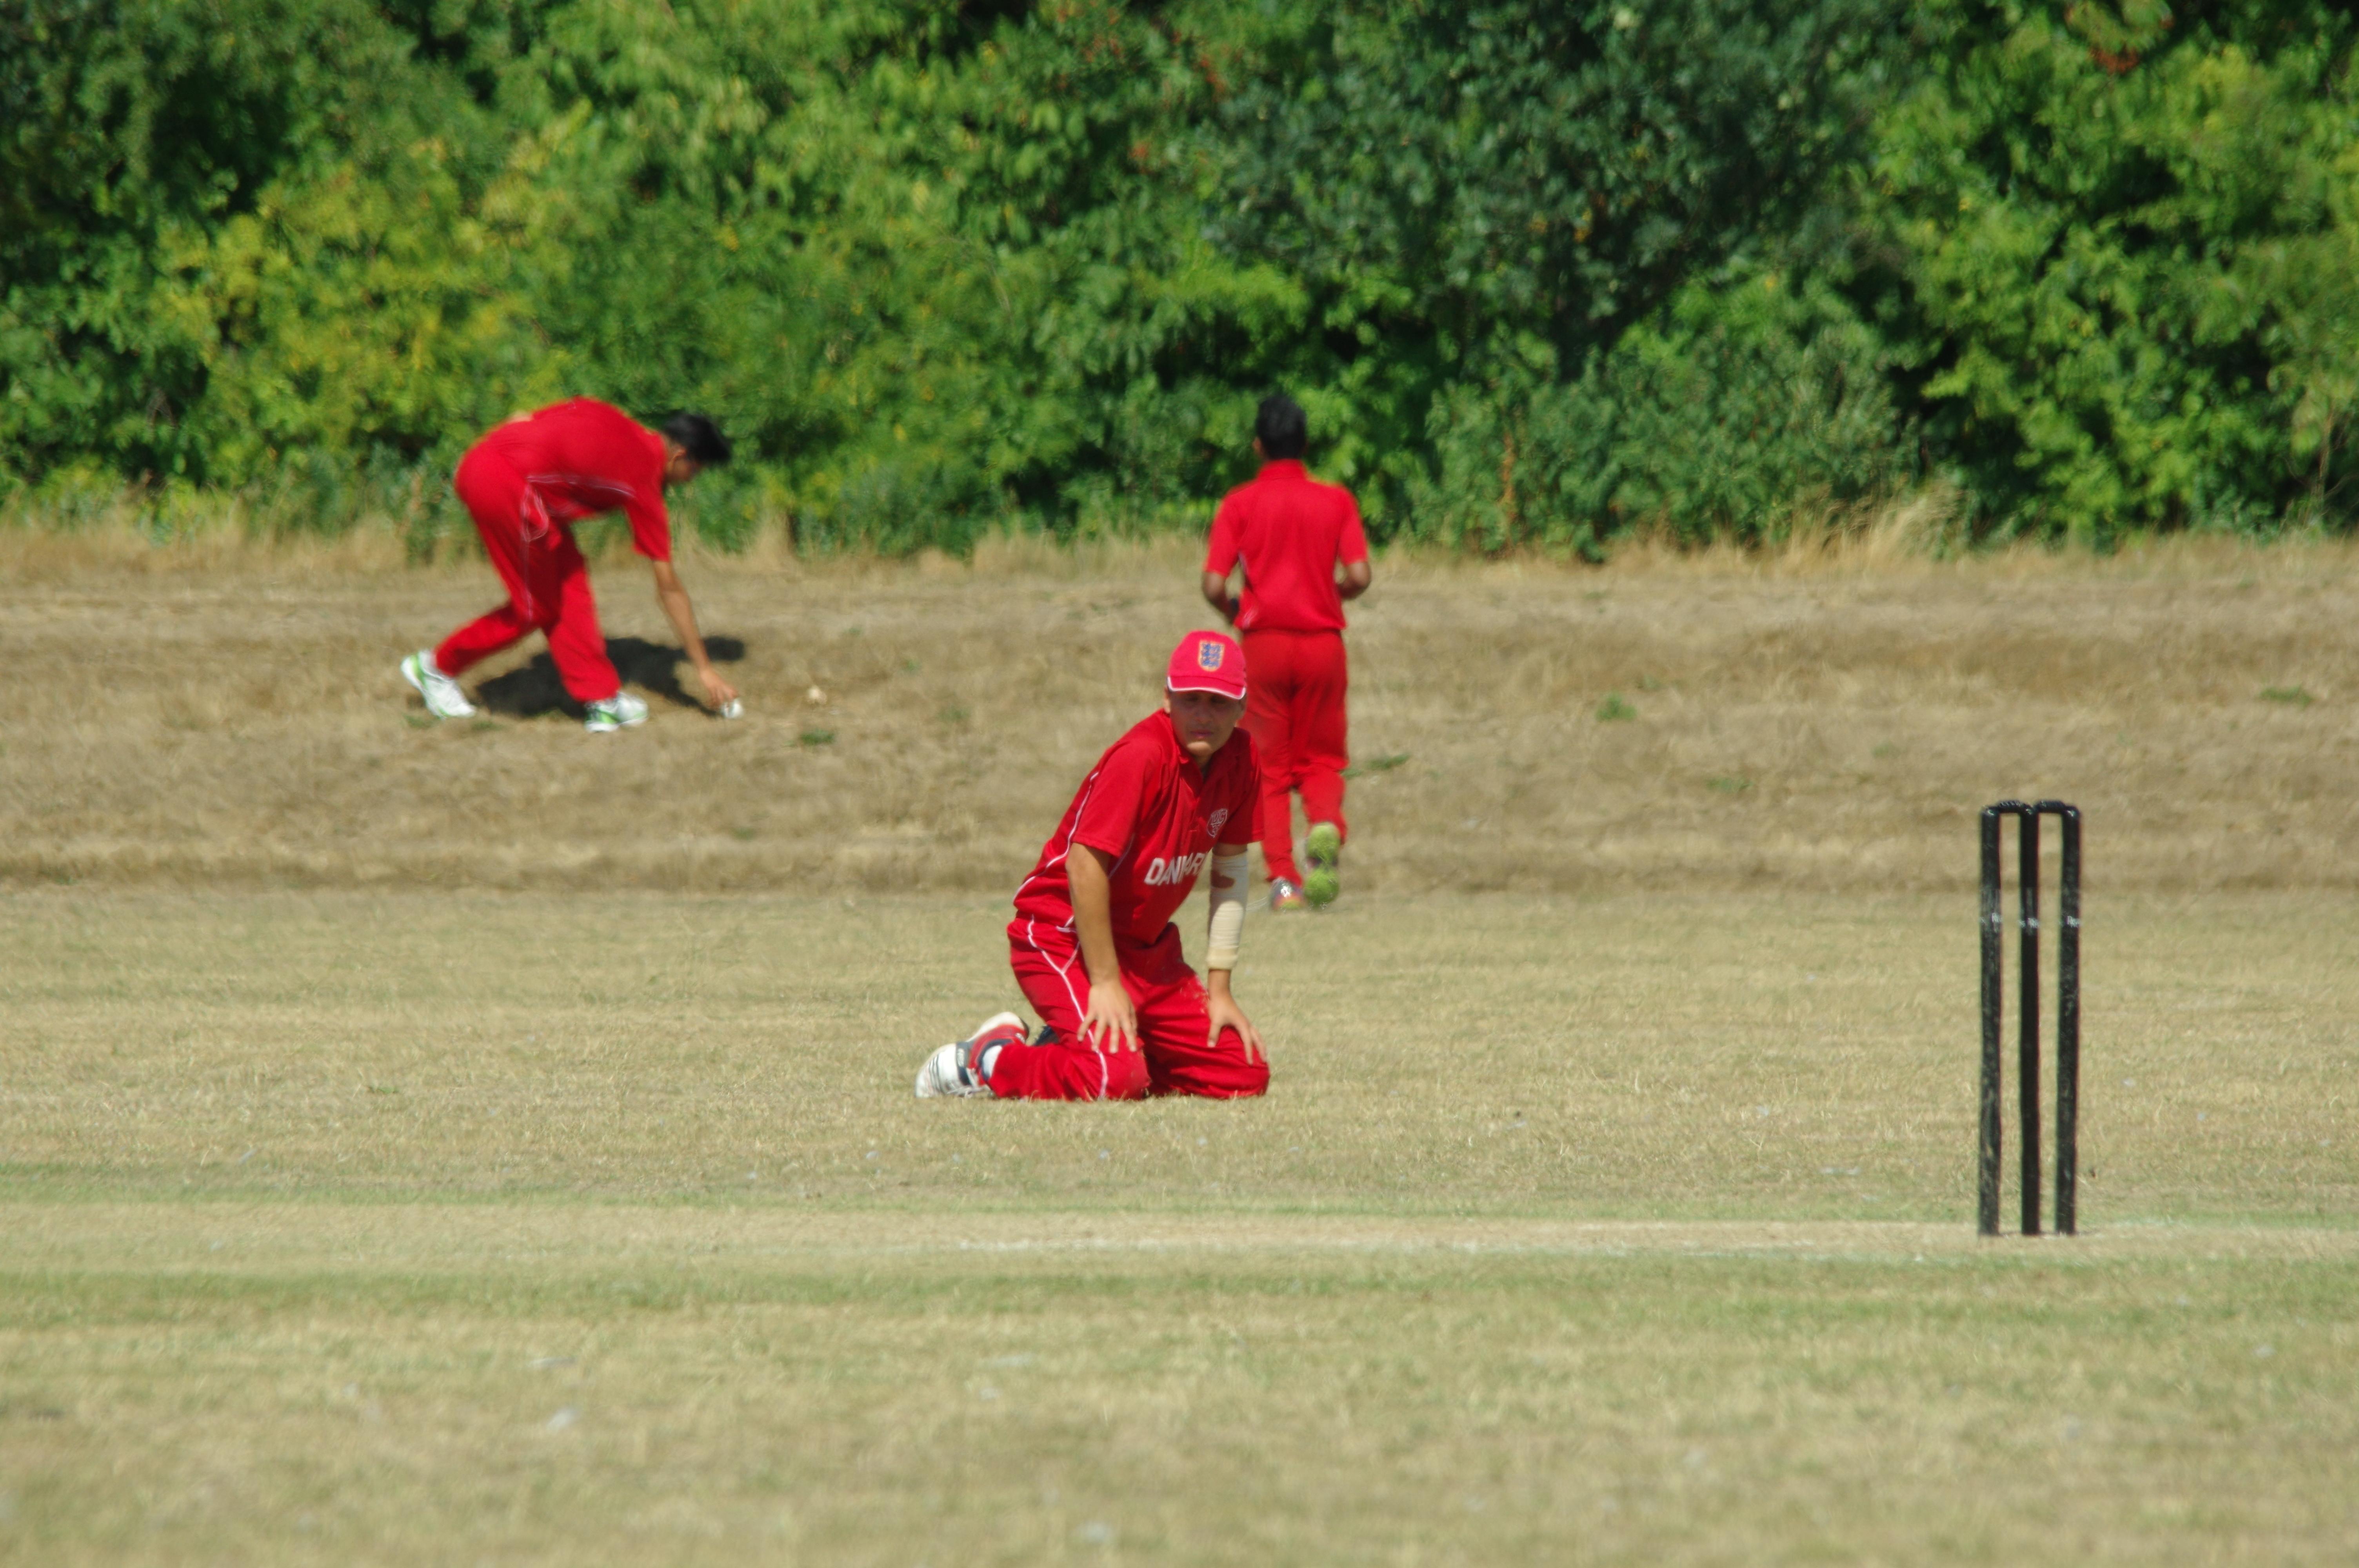 Det danske U.15.landshold rejste sig efter de lidt dårlige kampe 2